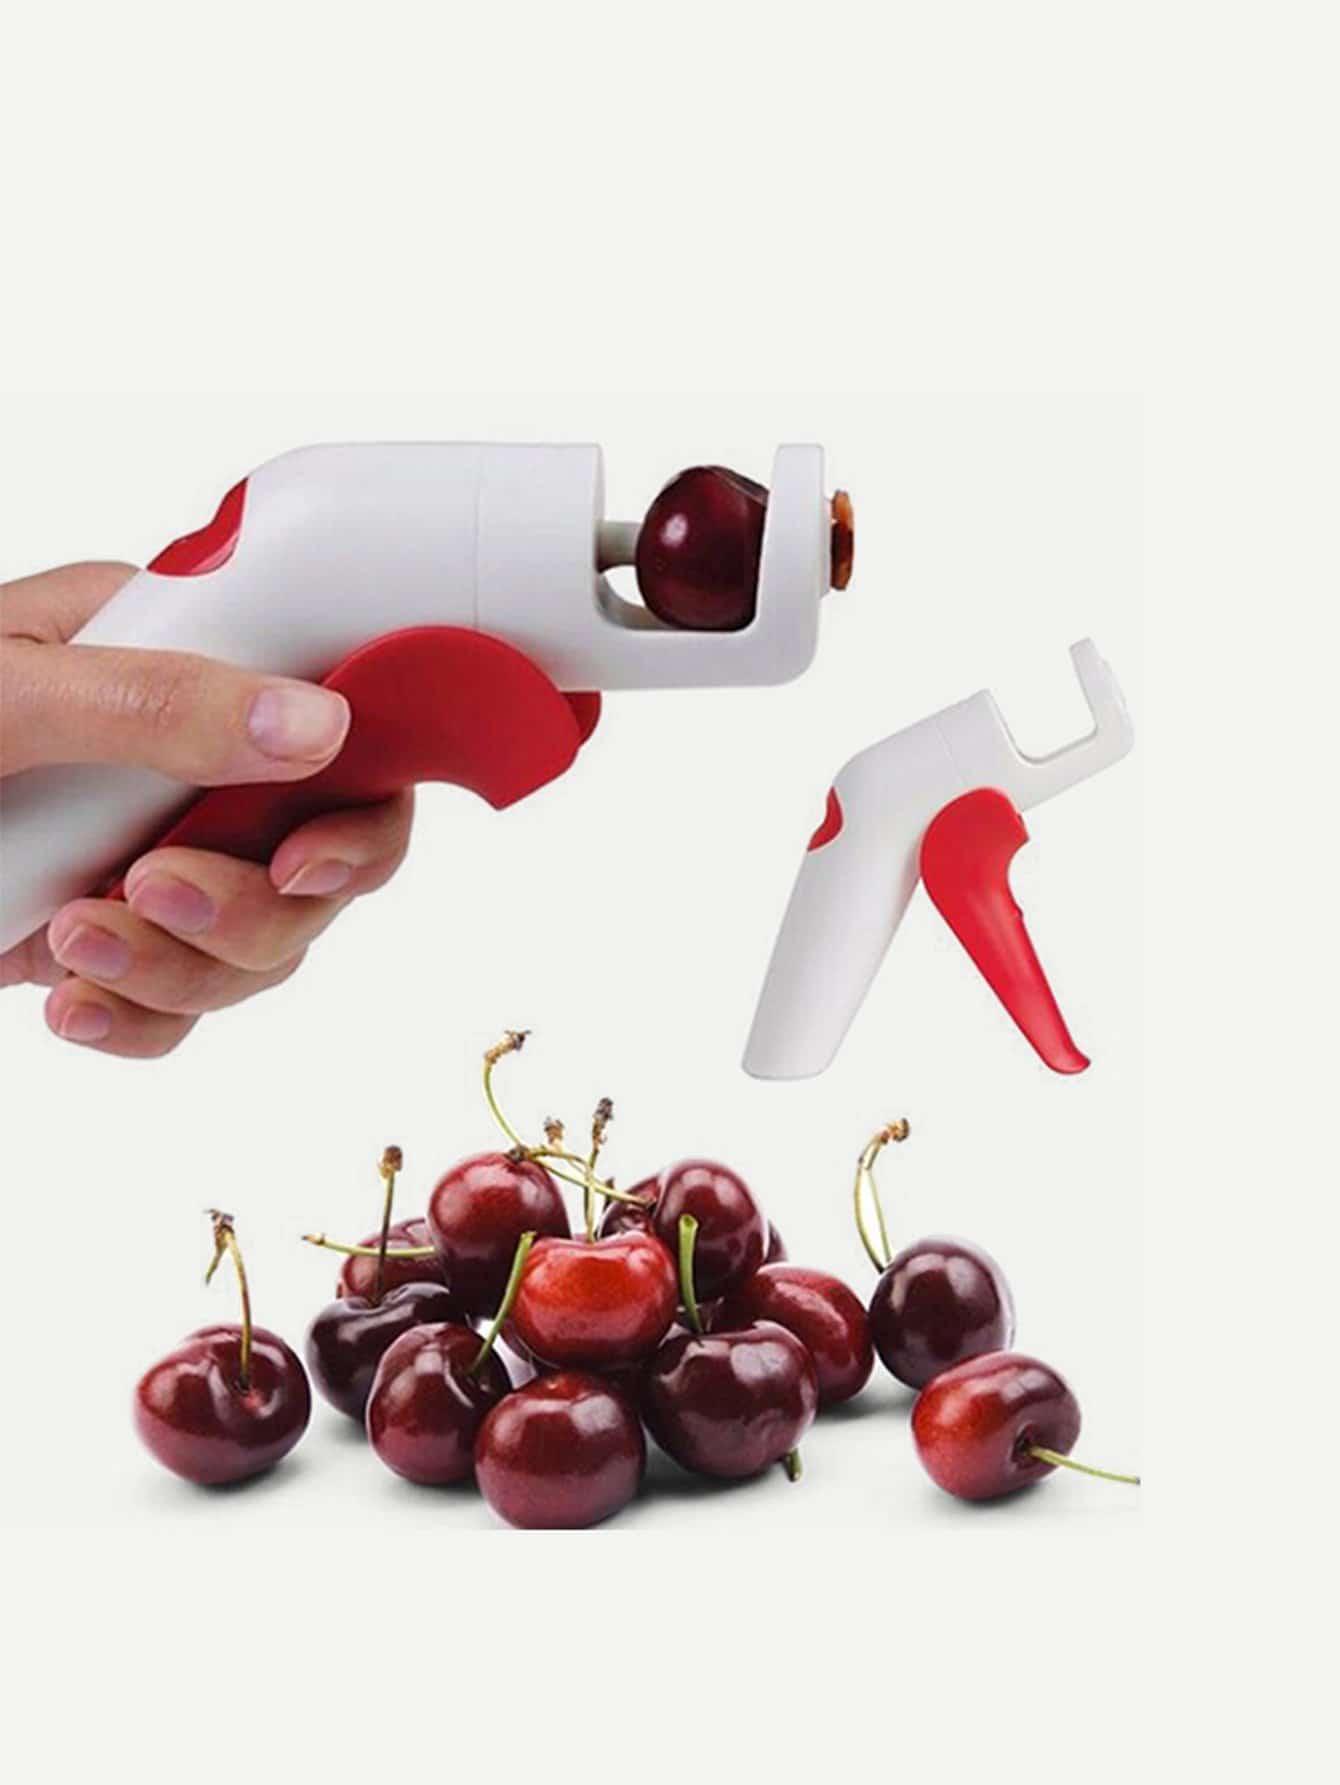 Купить Инструмент для пластиковый очищаемый от кожуры вишня, null, SheIn